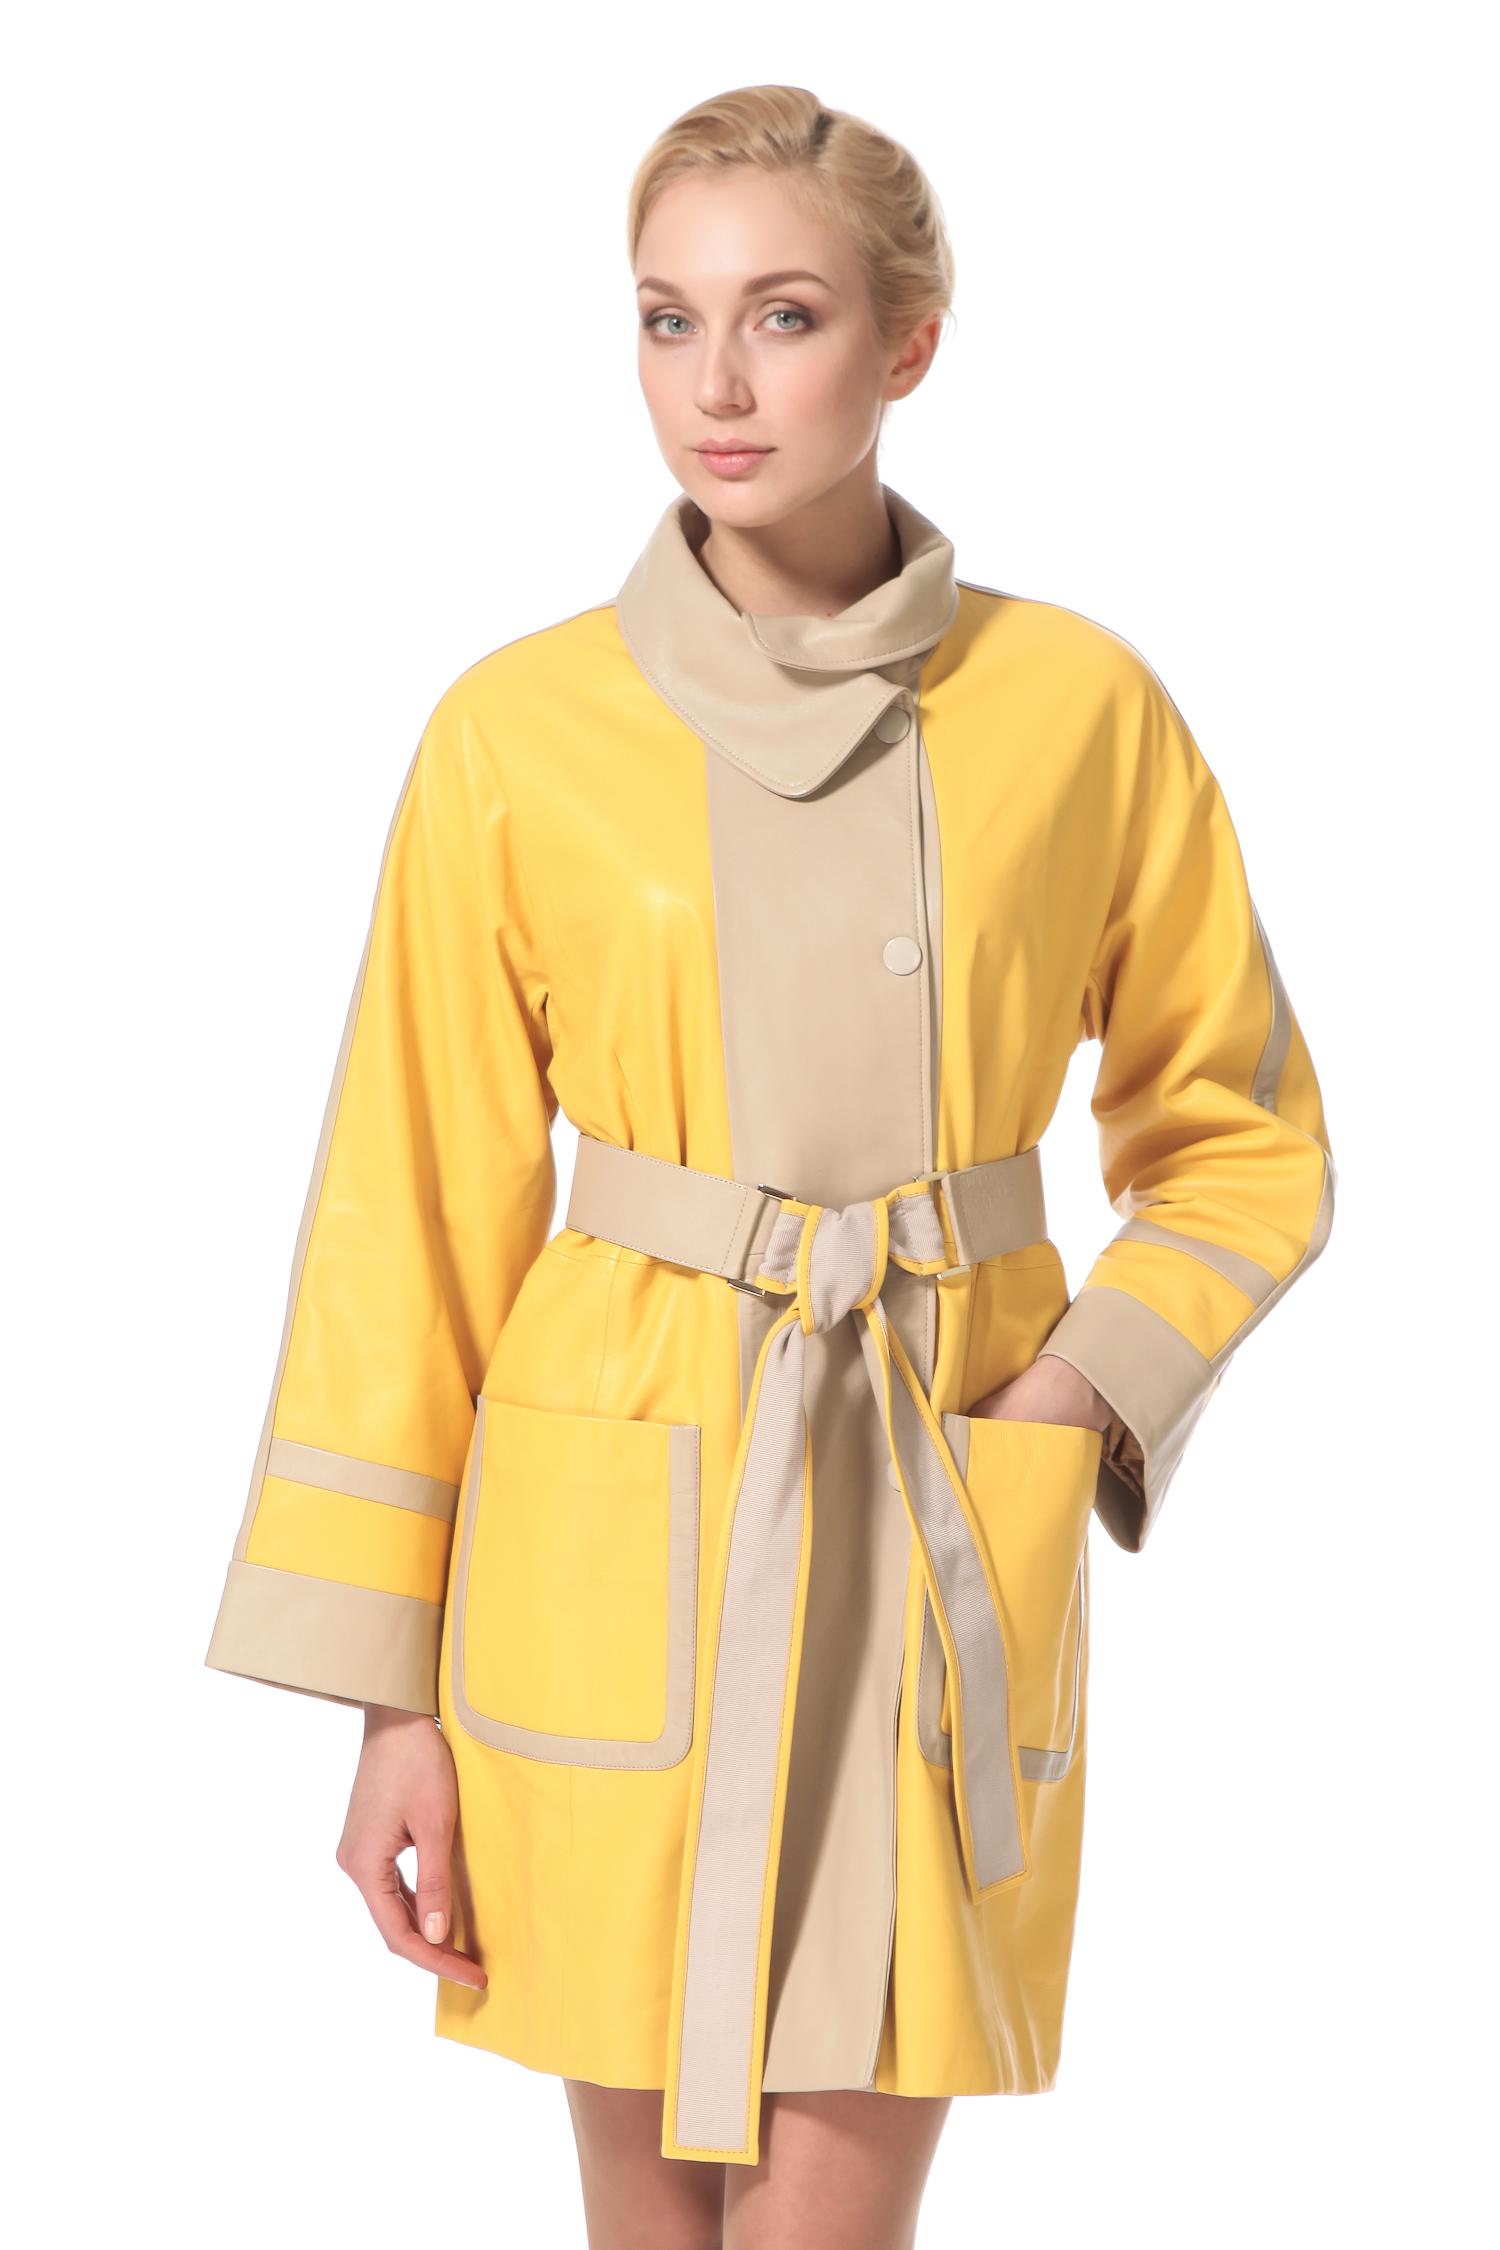 Женское кожаное пальто из натуральной кожи с воротником, без отделкиЕсли вы хотите быть в центре модных тенденций, Вам стоит обратить внимание на это стильное и элегантное кожаное пальто! Неожиданно свежая и при этом гармоничная комбинация желтого и бежевого цветов, в сочетании с модным в этом сезоне прямым силуэтом, делают это пальто предметом для зависти многих модниц. Удачная длина до колена позволяет носить его с абсолютно разными комплектами одежды и всегда выглядеть по-разному! Накладные карманы, отложной воротник-стойка и оригинальный завязывающийся пояс - это пальто еще и очень комфортно!<br><br>Воротник: отложной<br>Длина см: Длинная (свыше 90)<br>Материал: Кожа овчина<br>Цвет: желтый<br>Вид застежки: косая<br>Застежка: на кнопки<br>Пол: Женский<br>Размер RU: 52